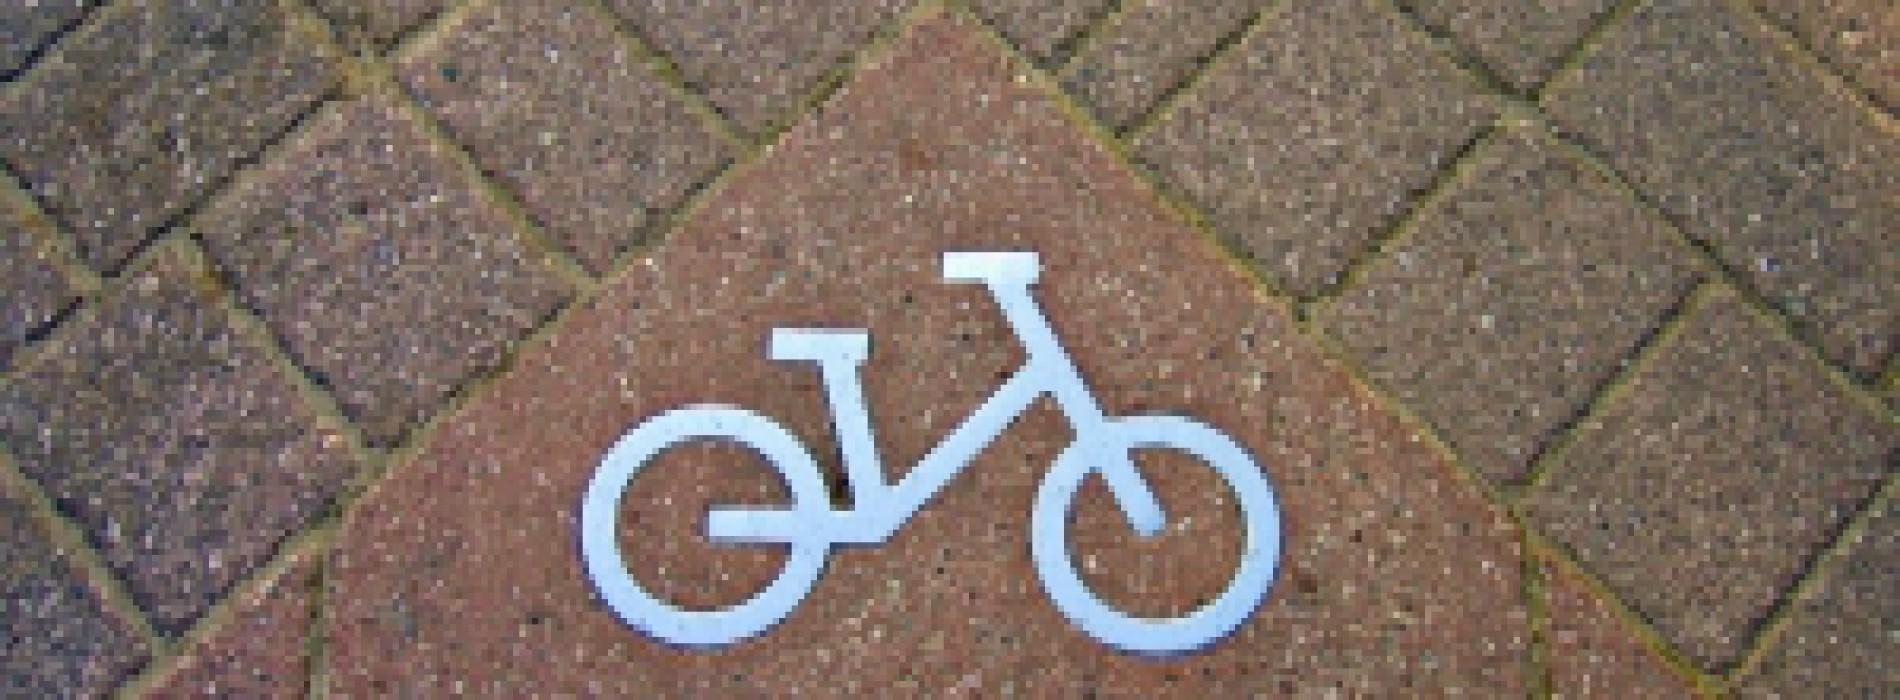 W Olsztynie powstaną nowe ścieżki rowerowe